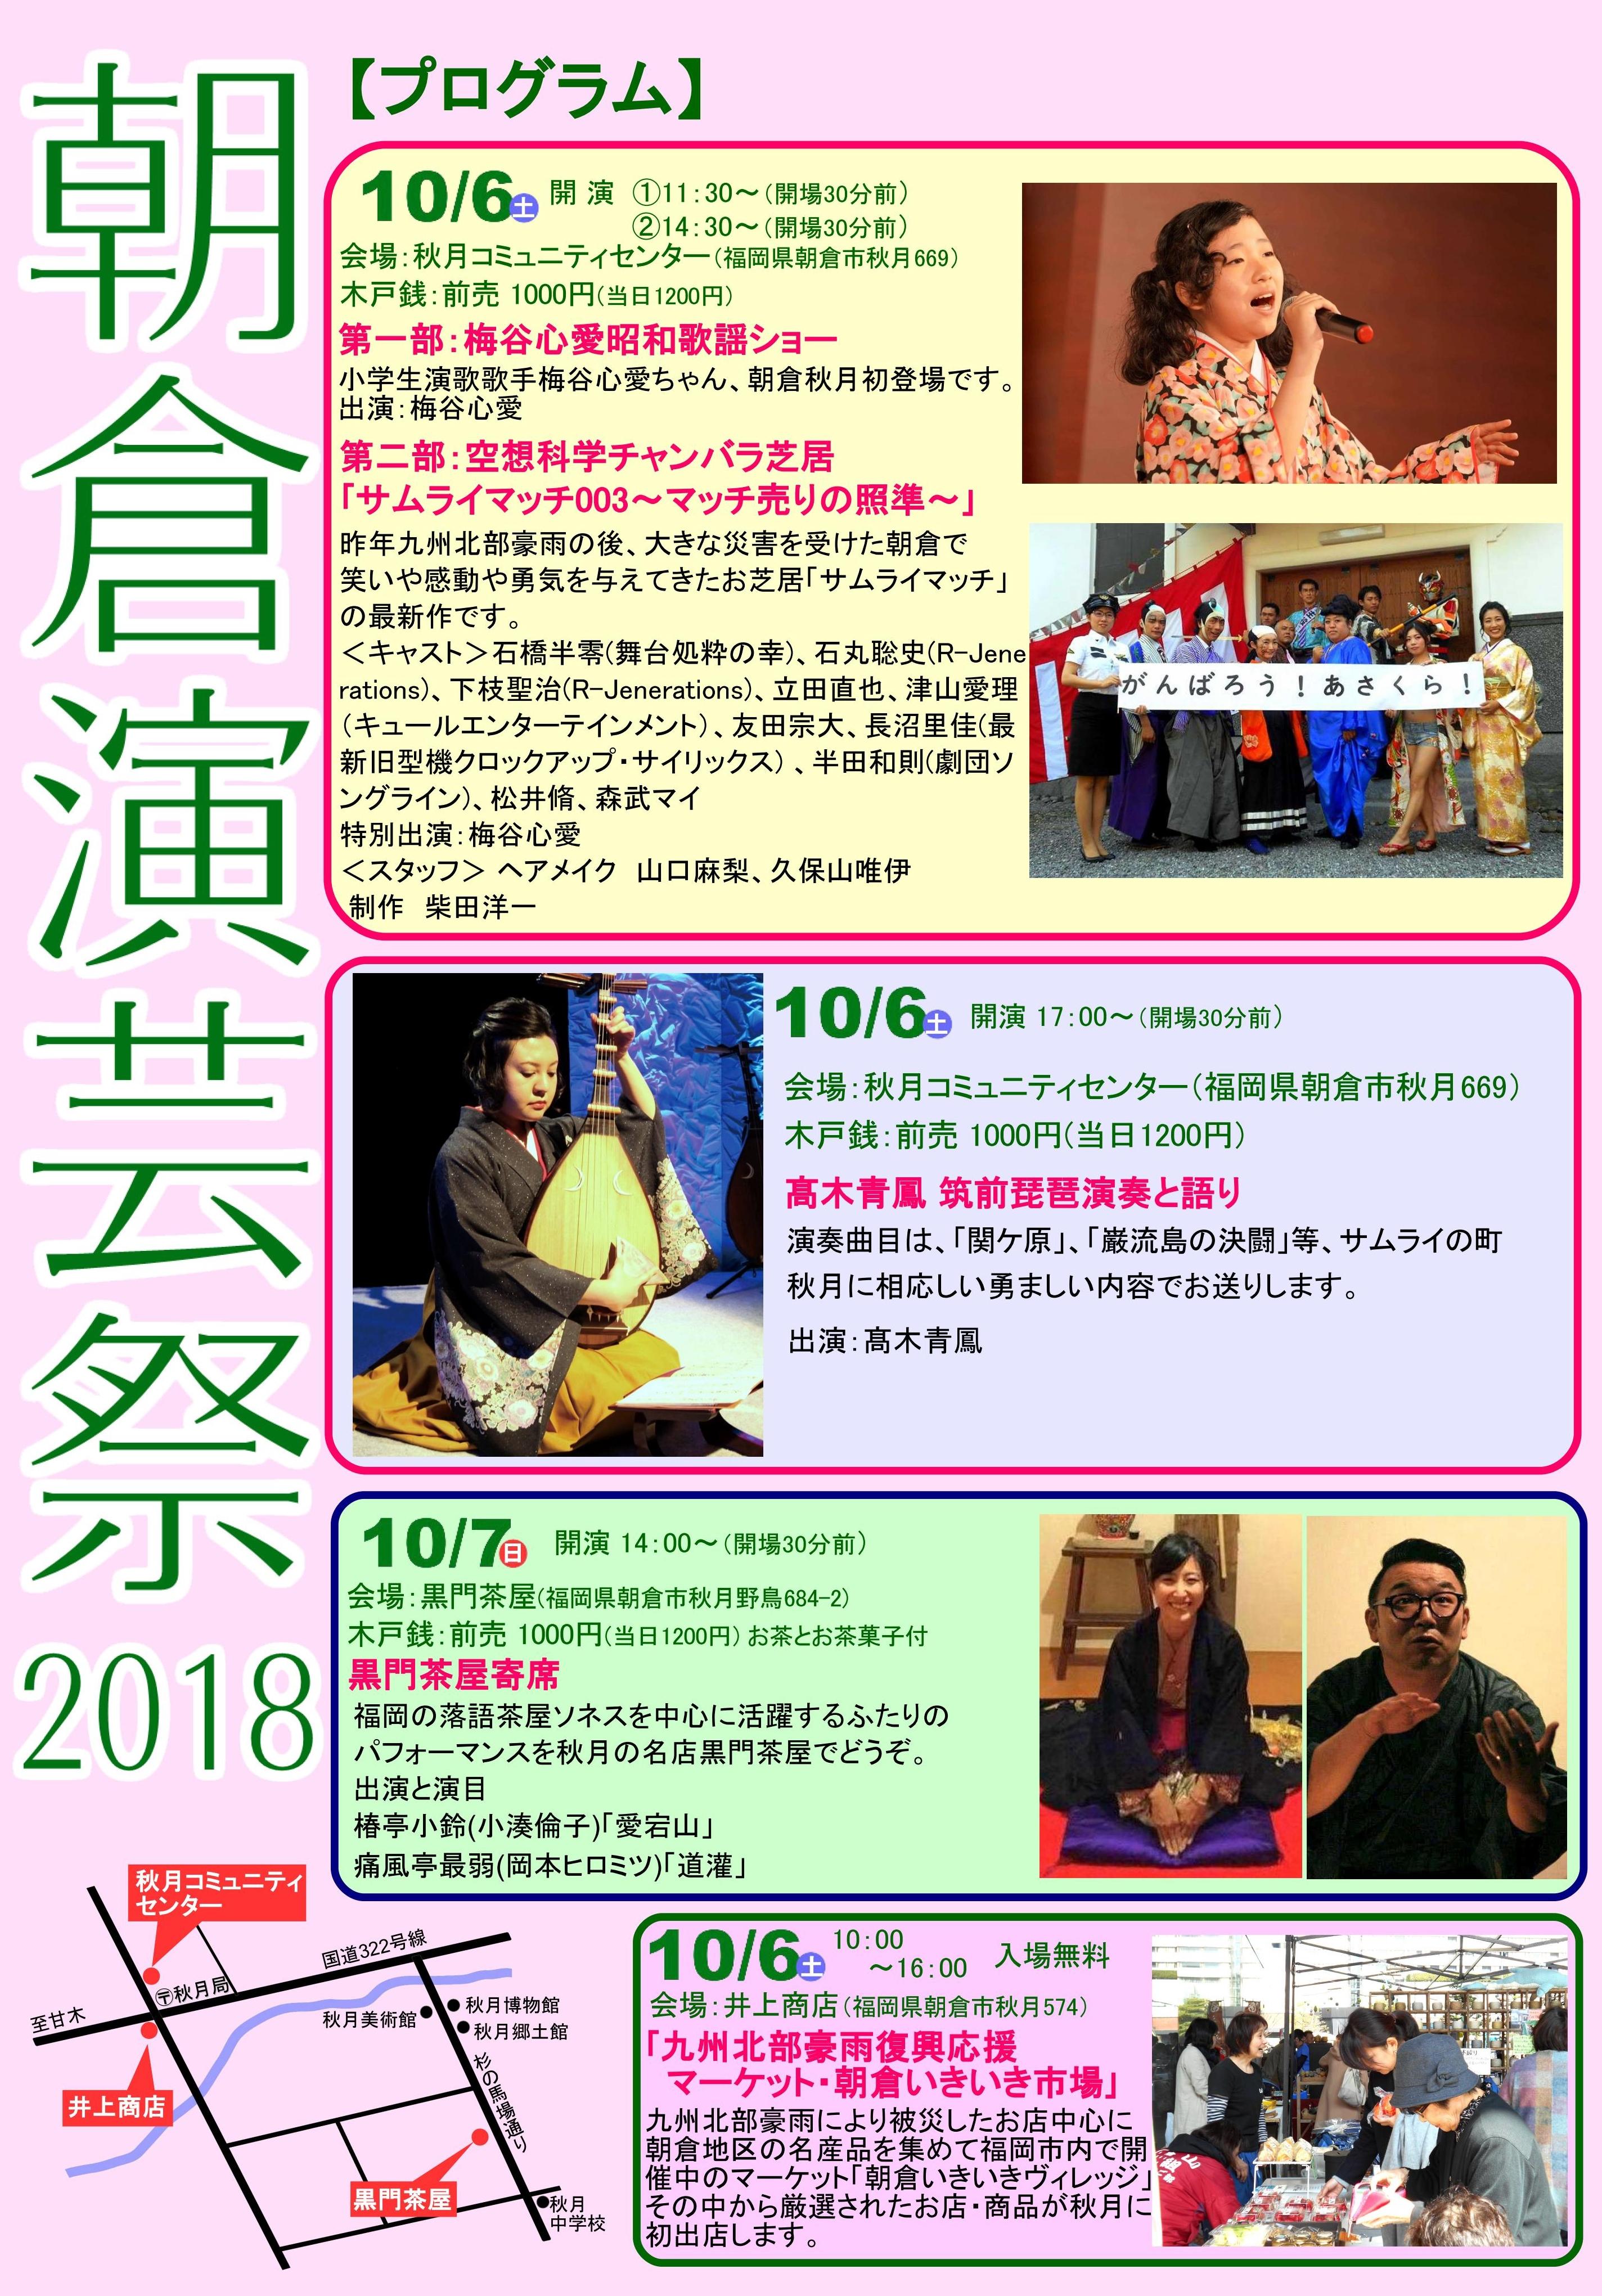 朝倉市で演芸祭